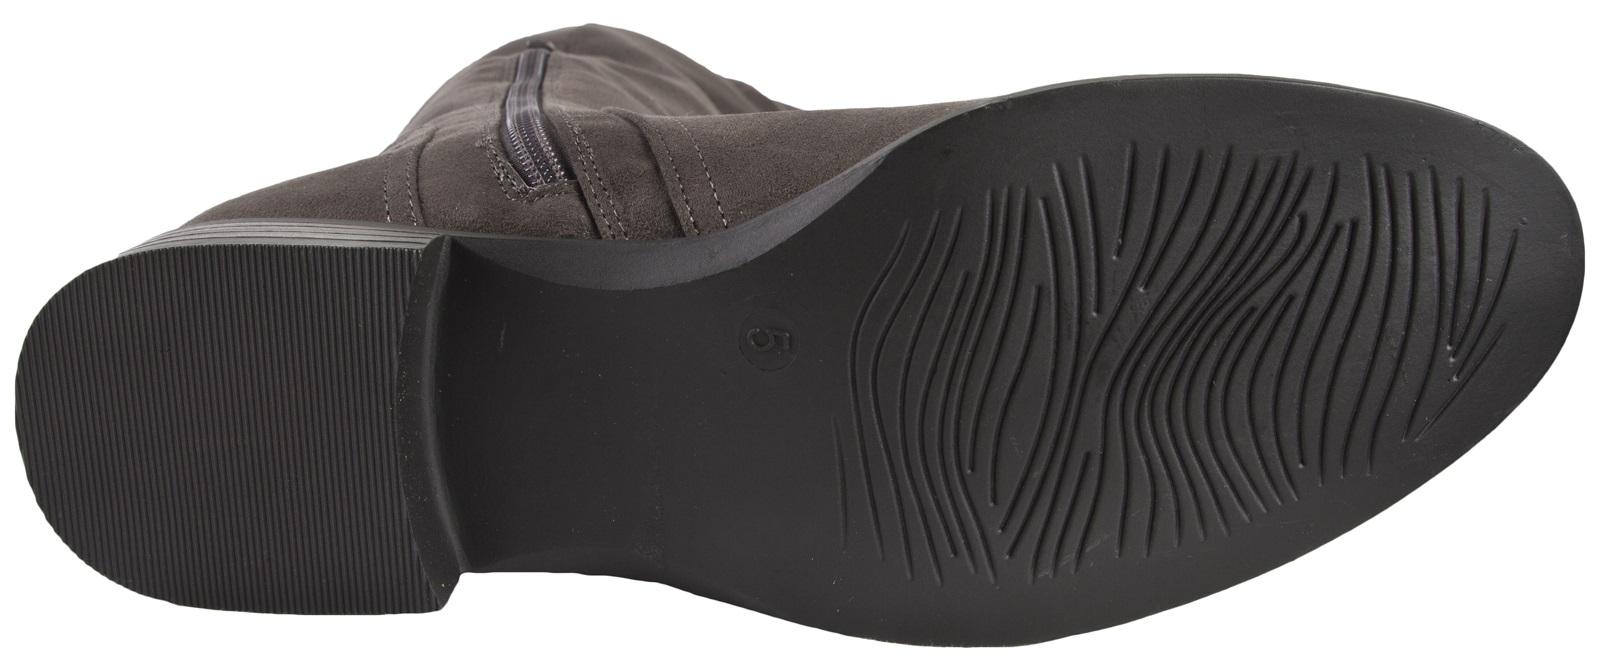 Cuero Gamuza sintética para mujer Botas De Montar Alto del muslo Damas Tacón Bajo Zapatos Talla